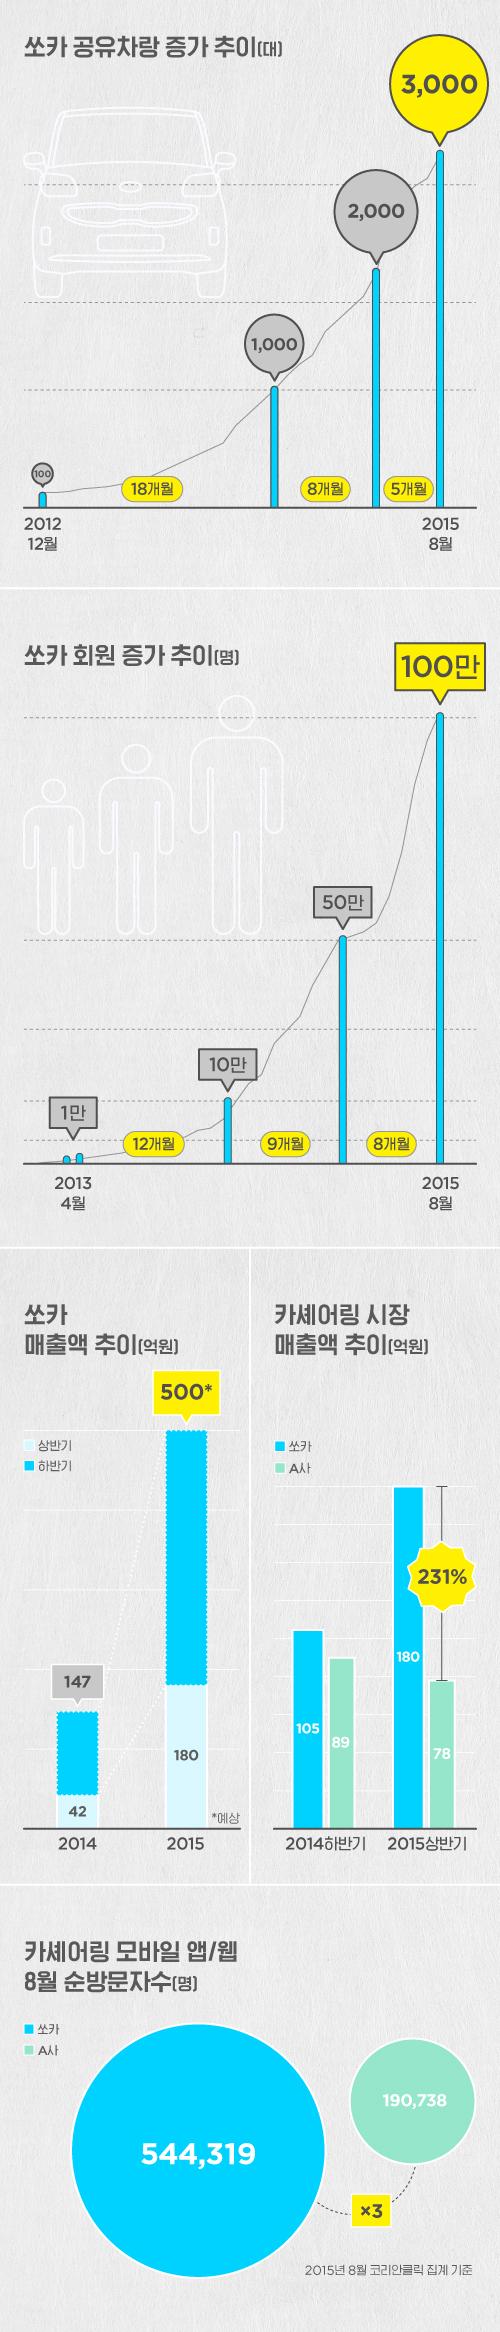 쏘카PR_3천1백만돌파_20150909